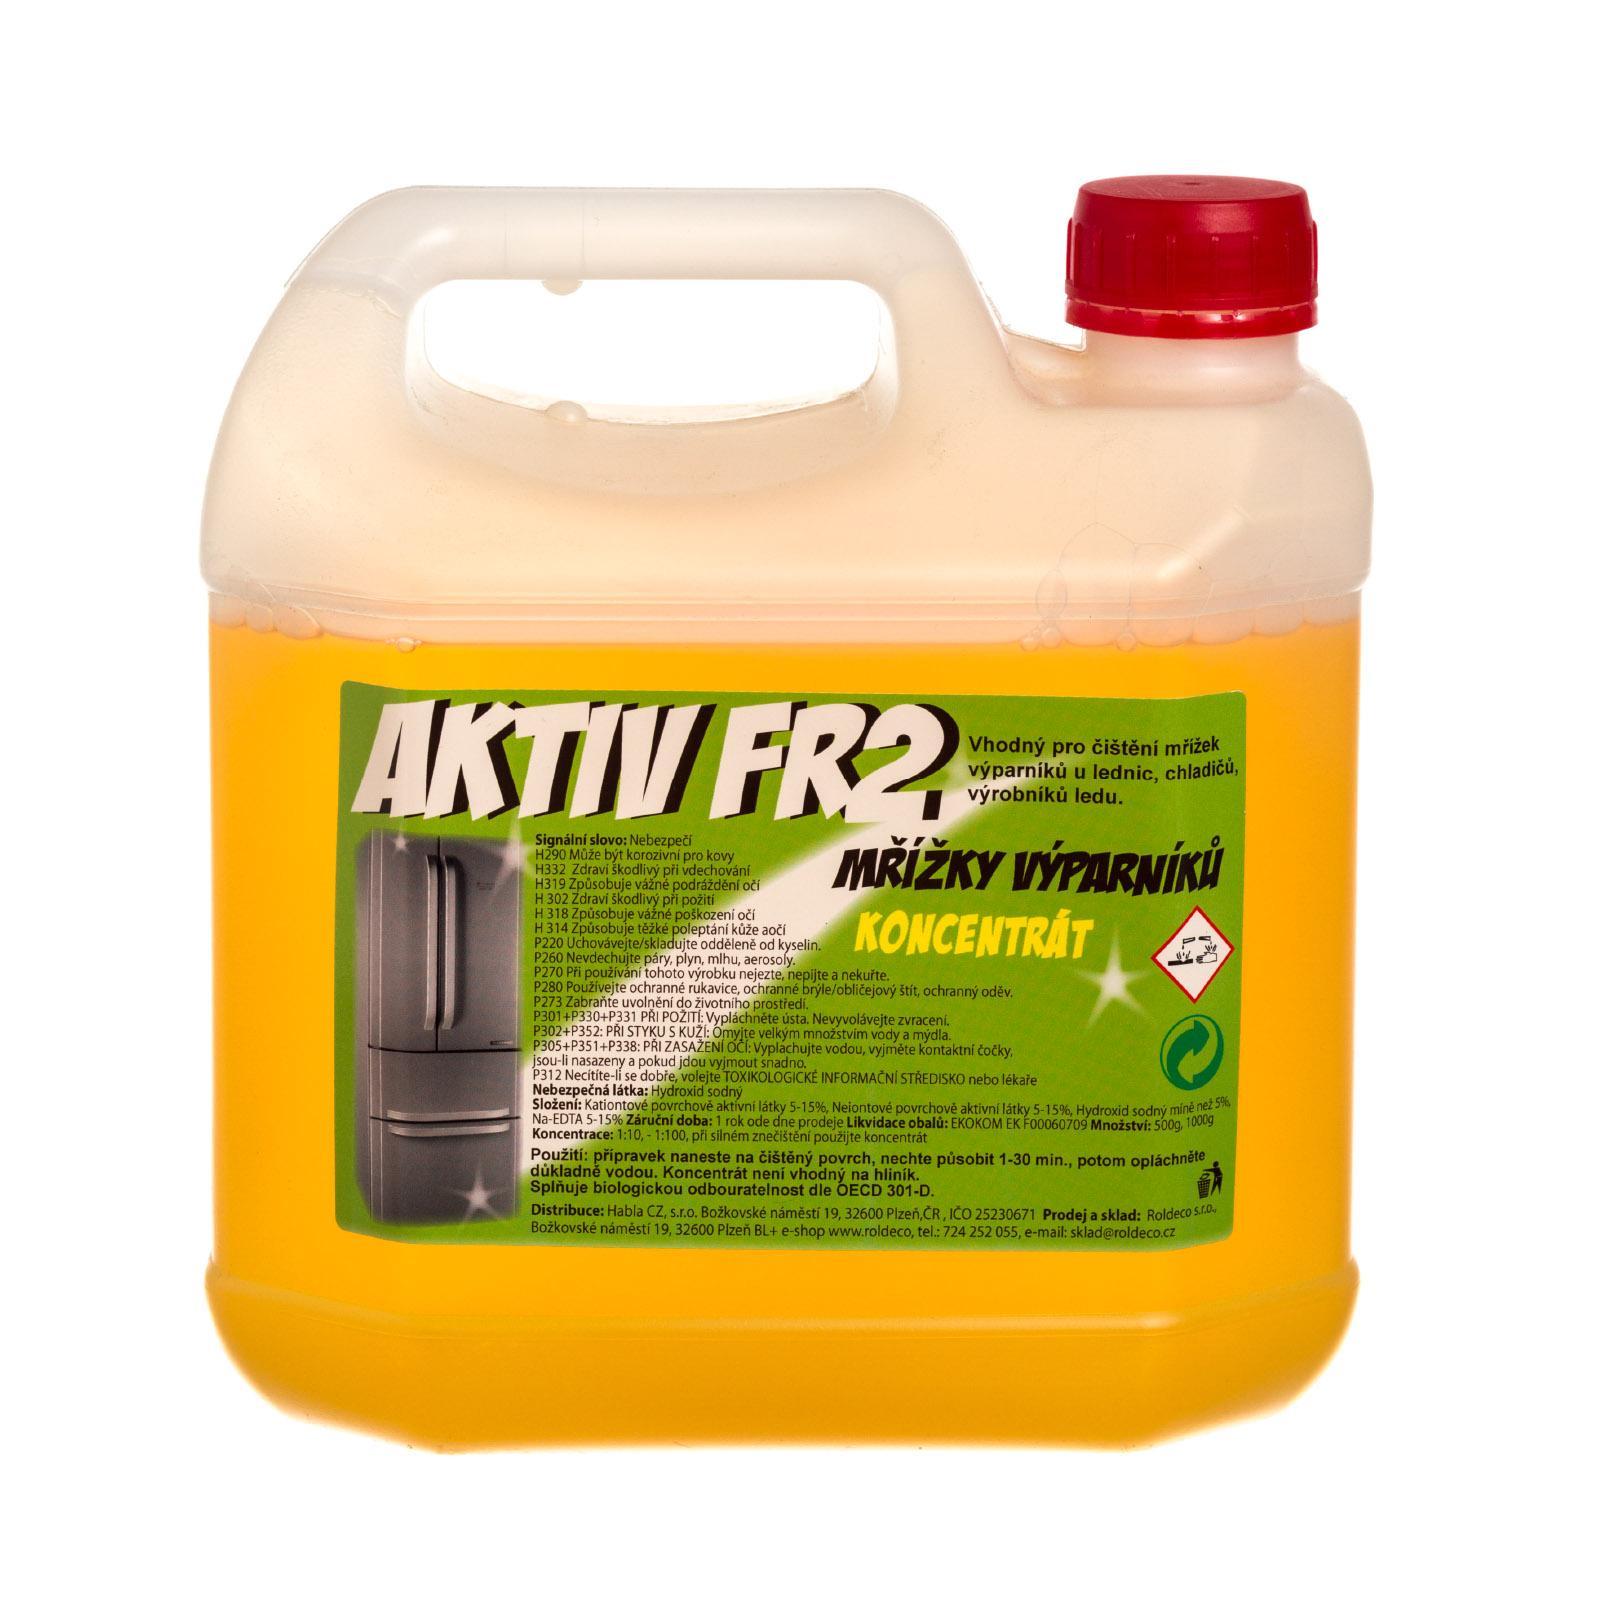 Aktiv FR2, alkalický koncentrát balení 3 kg